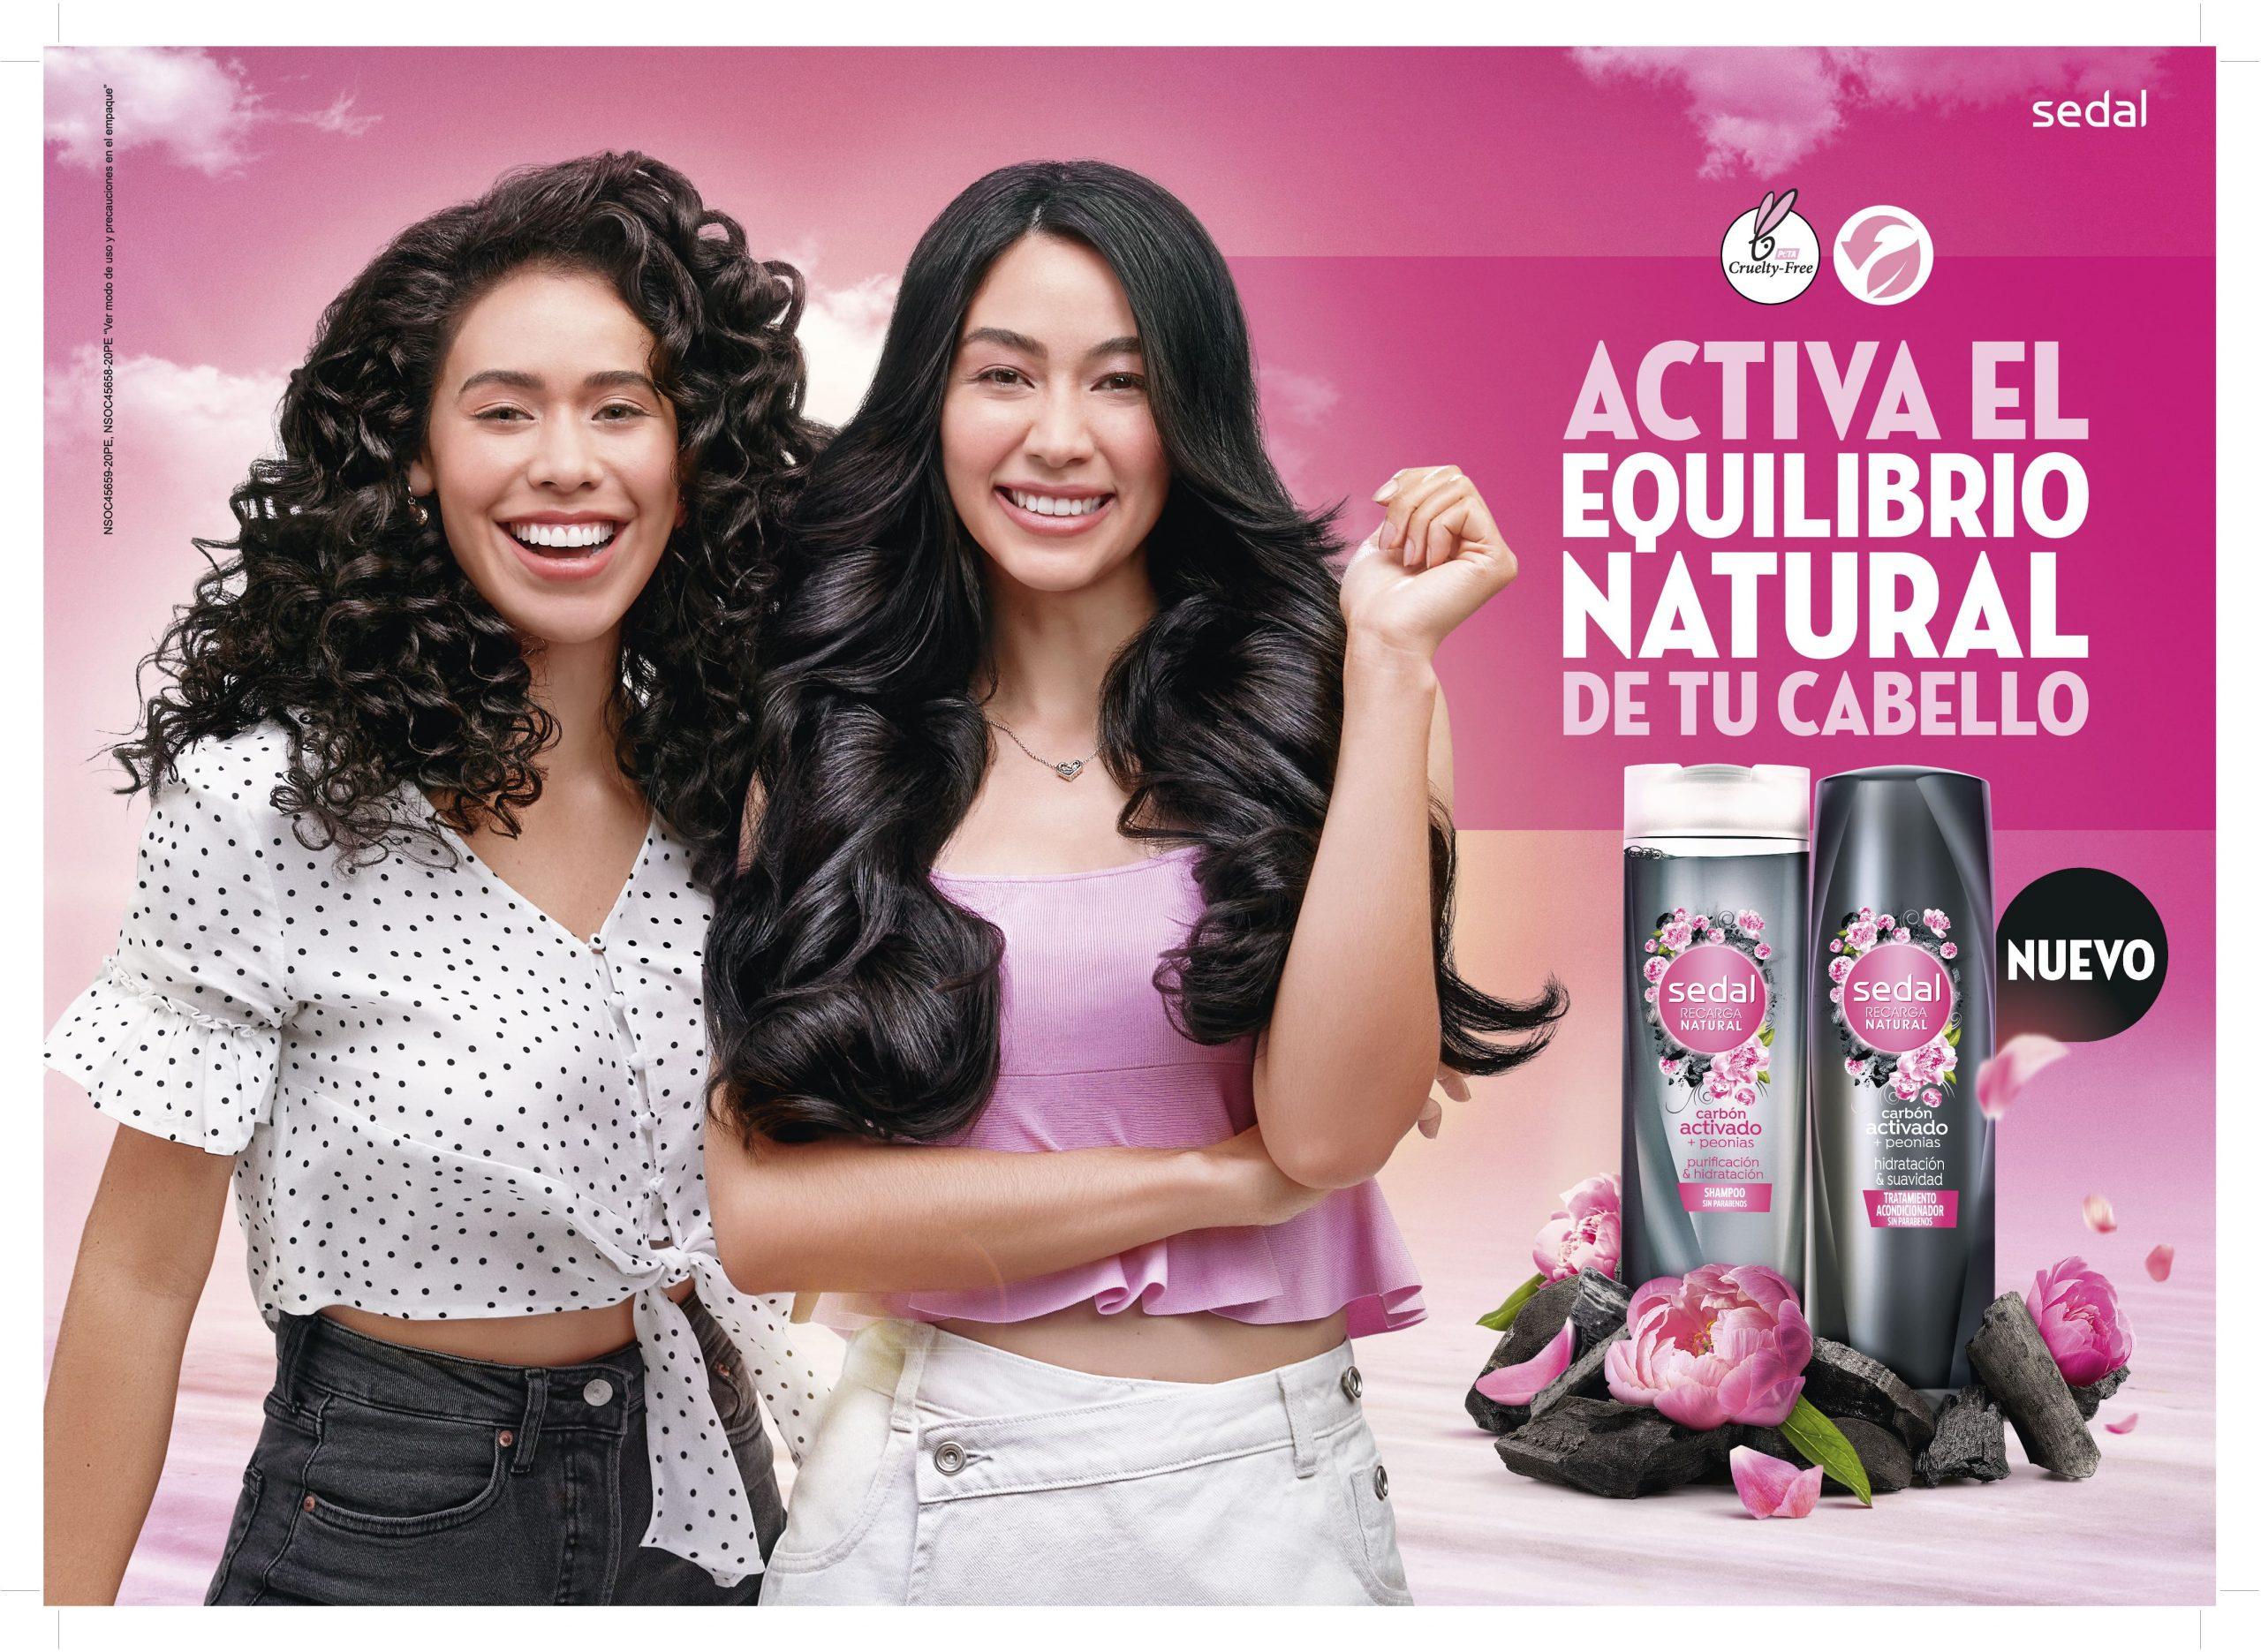 Conoce la última tendencia en Detox & cuidado del cabello que lanza Sedal